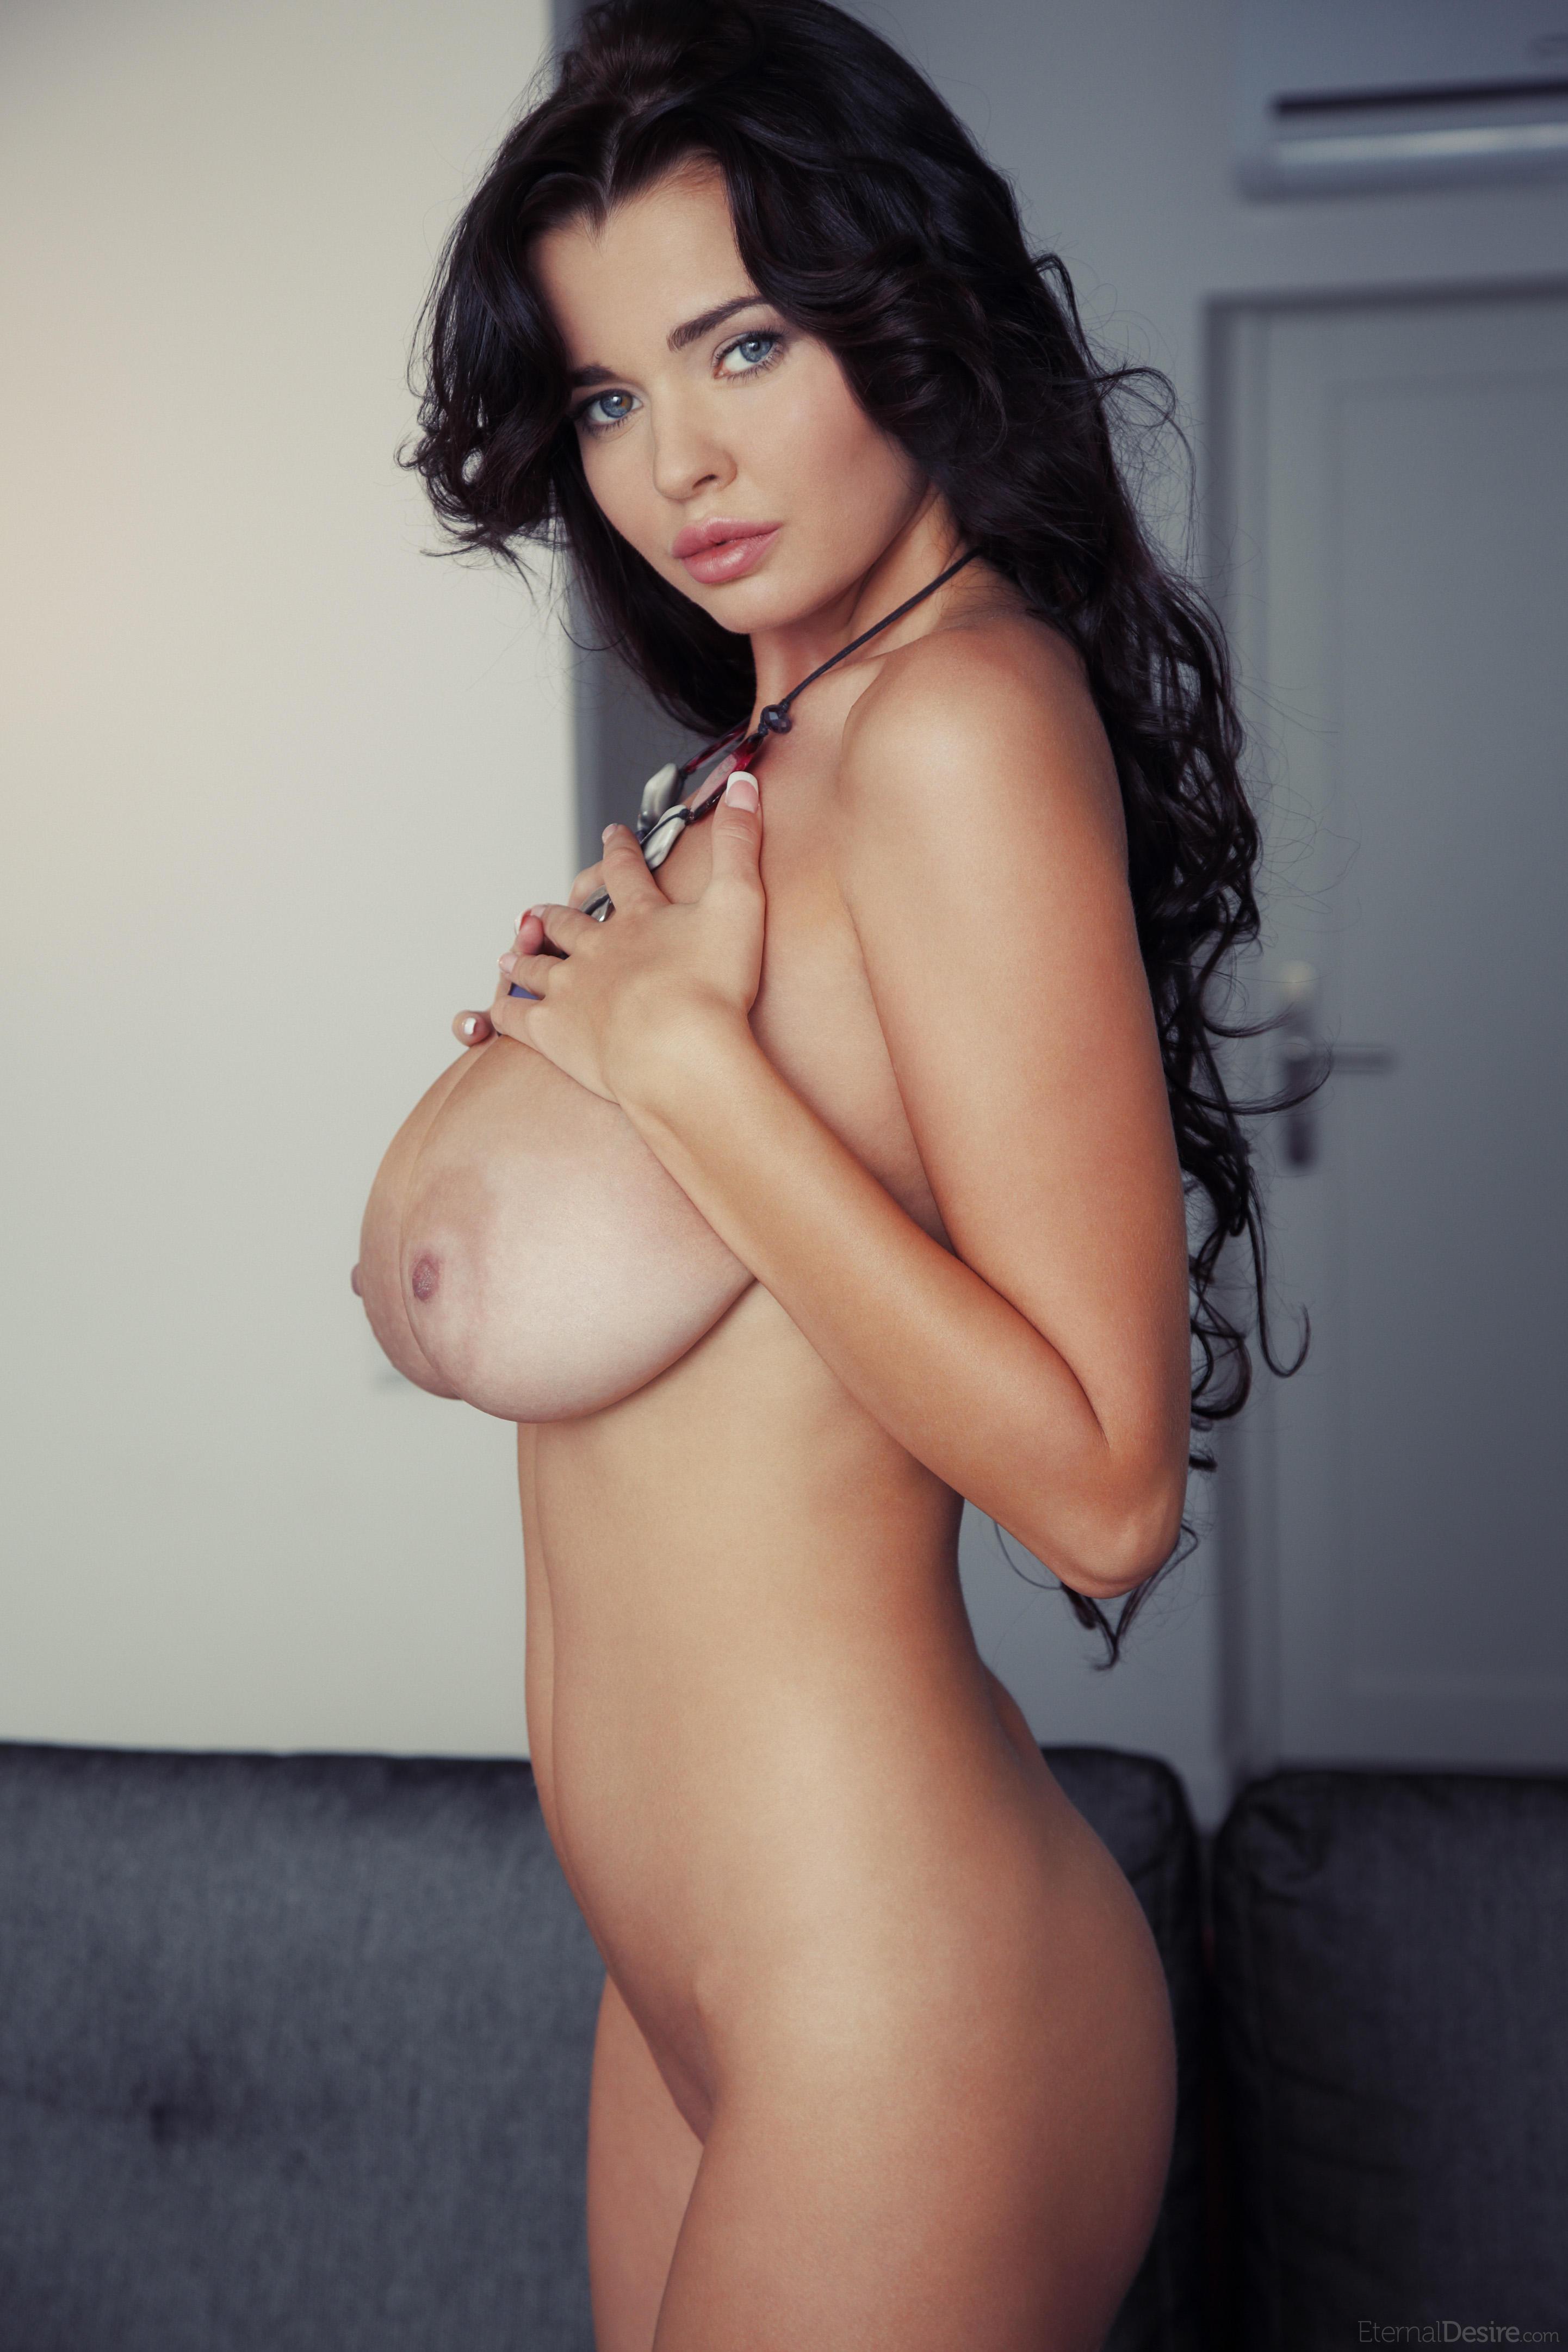 Фото голая большая сиси, смотреть секс на рентиви